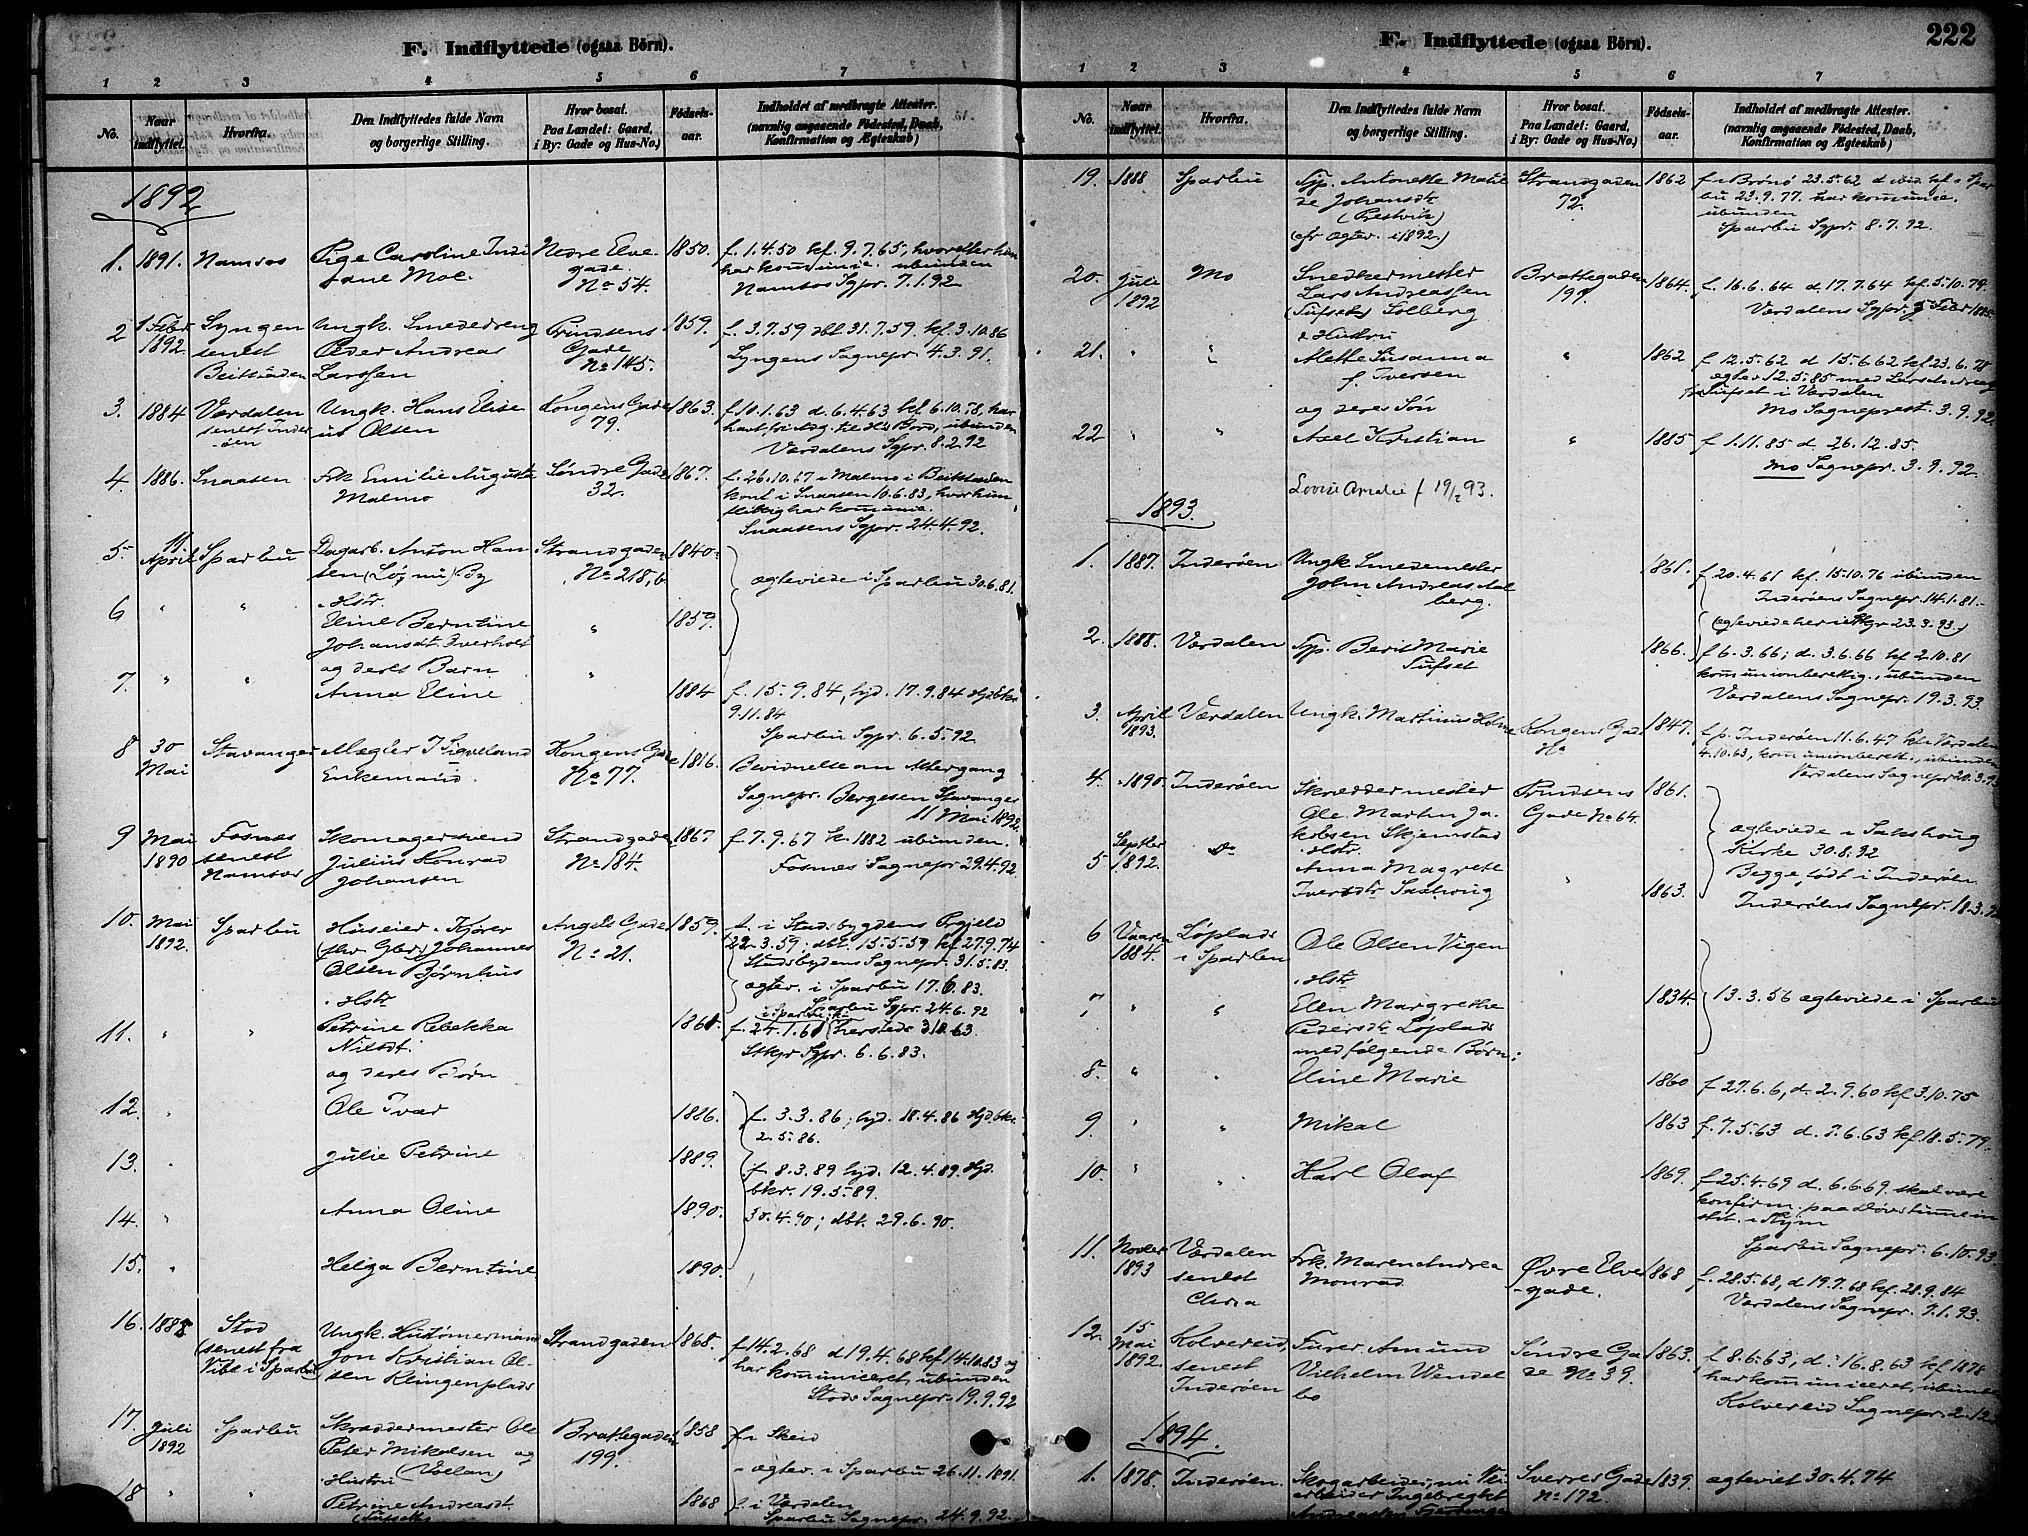 SAT, Ministerialprotokoller, klokkerbøker og fødselsregistre - Nord-Trøndelag, 739/L0371: Ministerialbok nr. 739A03, 1881-1895, s. 222